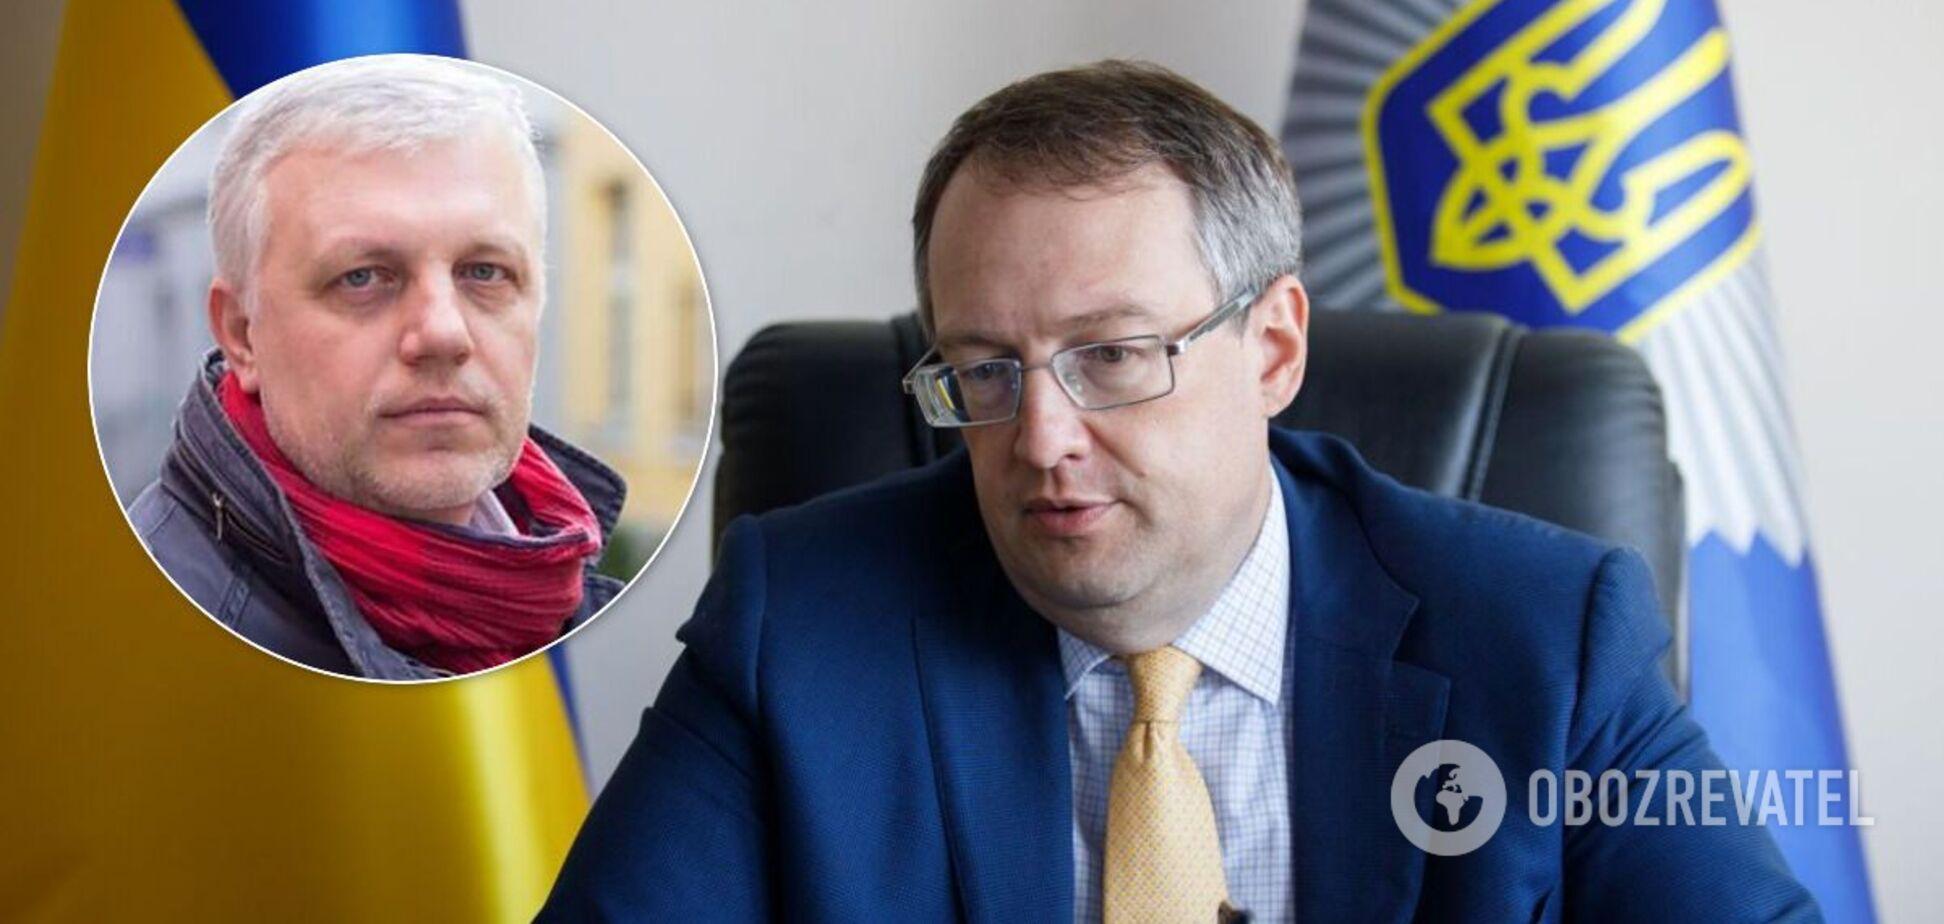 Геращенко рассказал, что будет с подозреваемыми в убийстве Шеремета